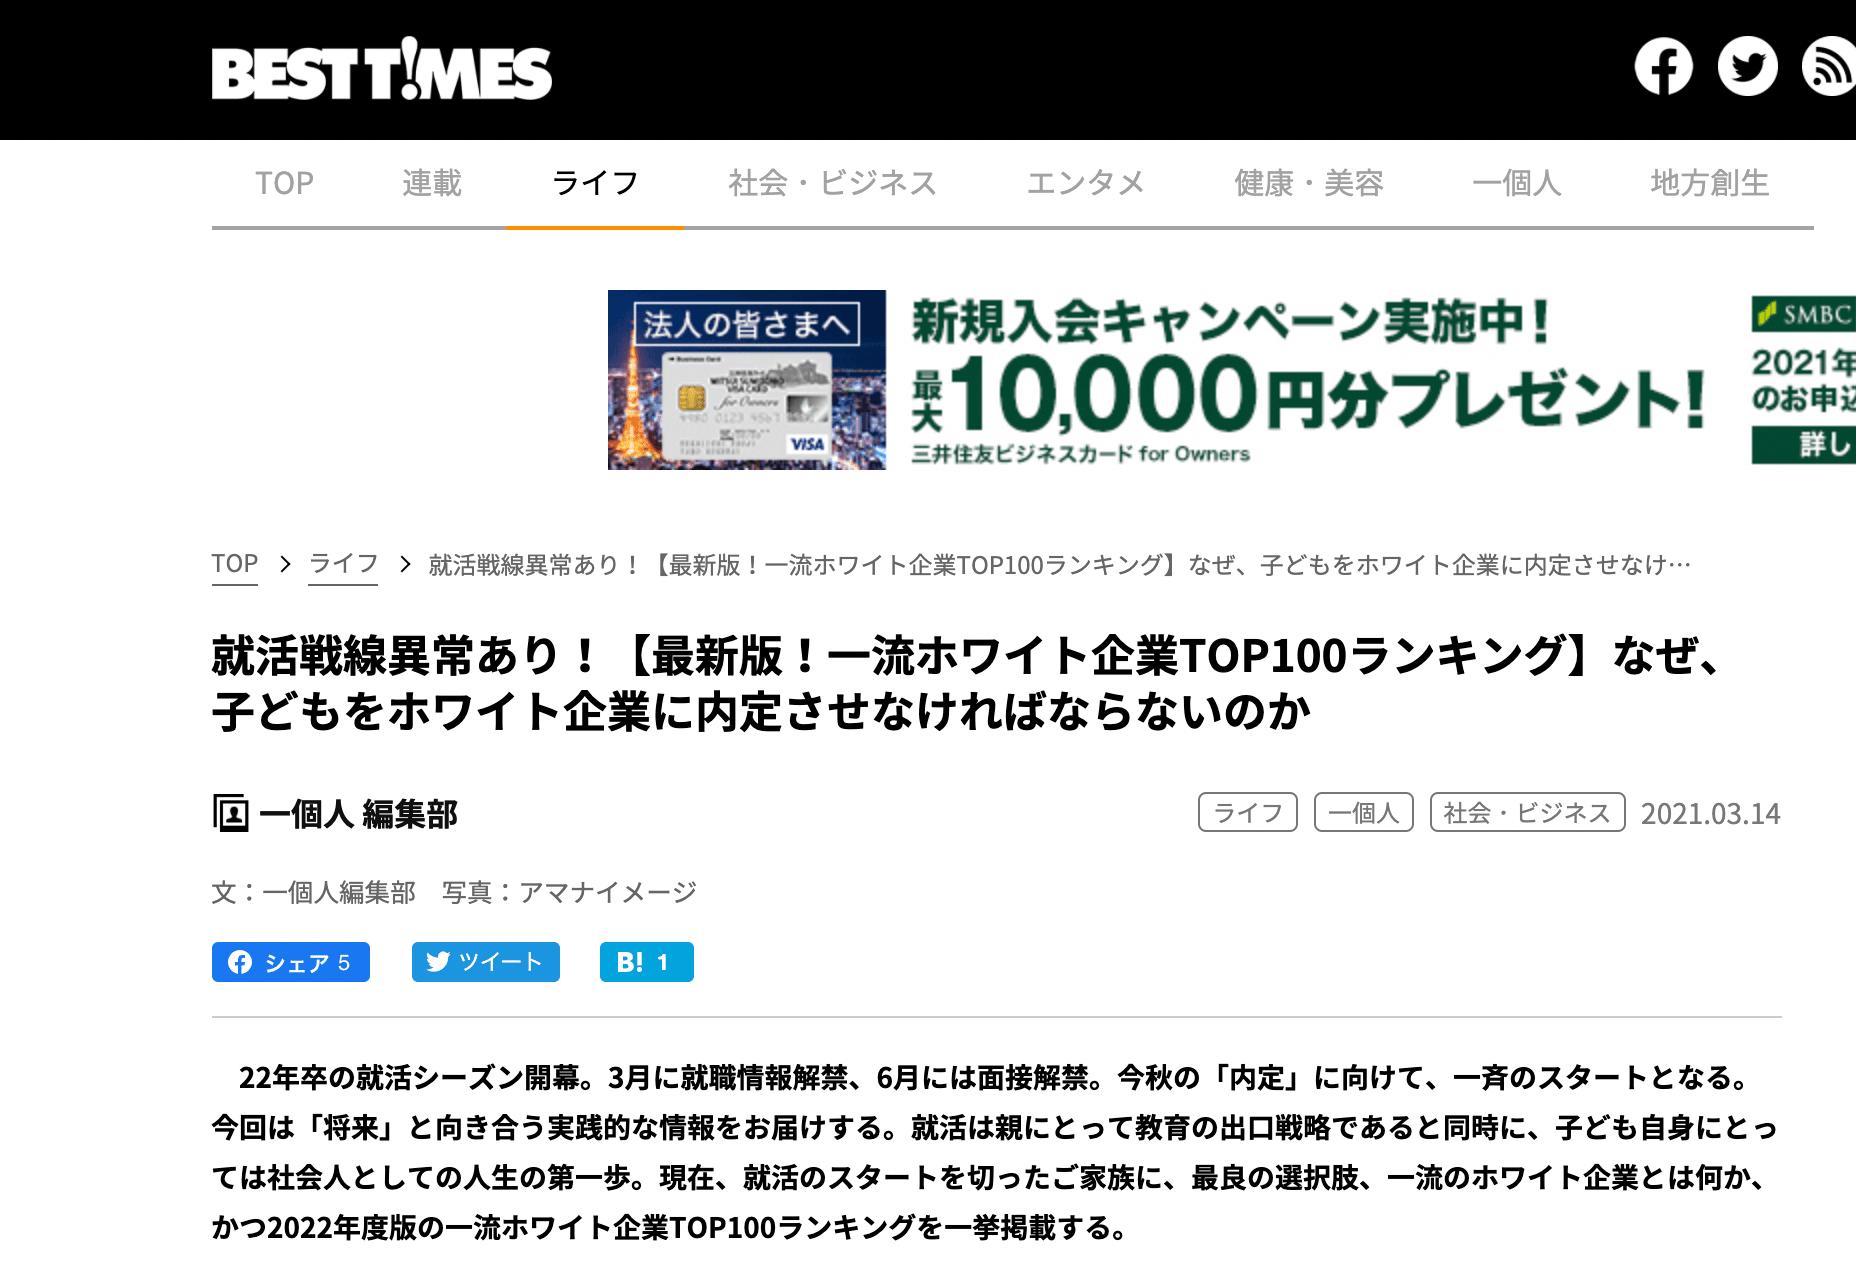 BESTTIMESでの紹介記事